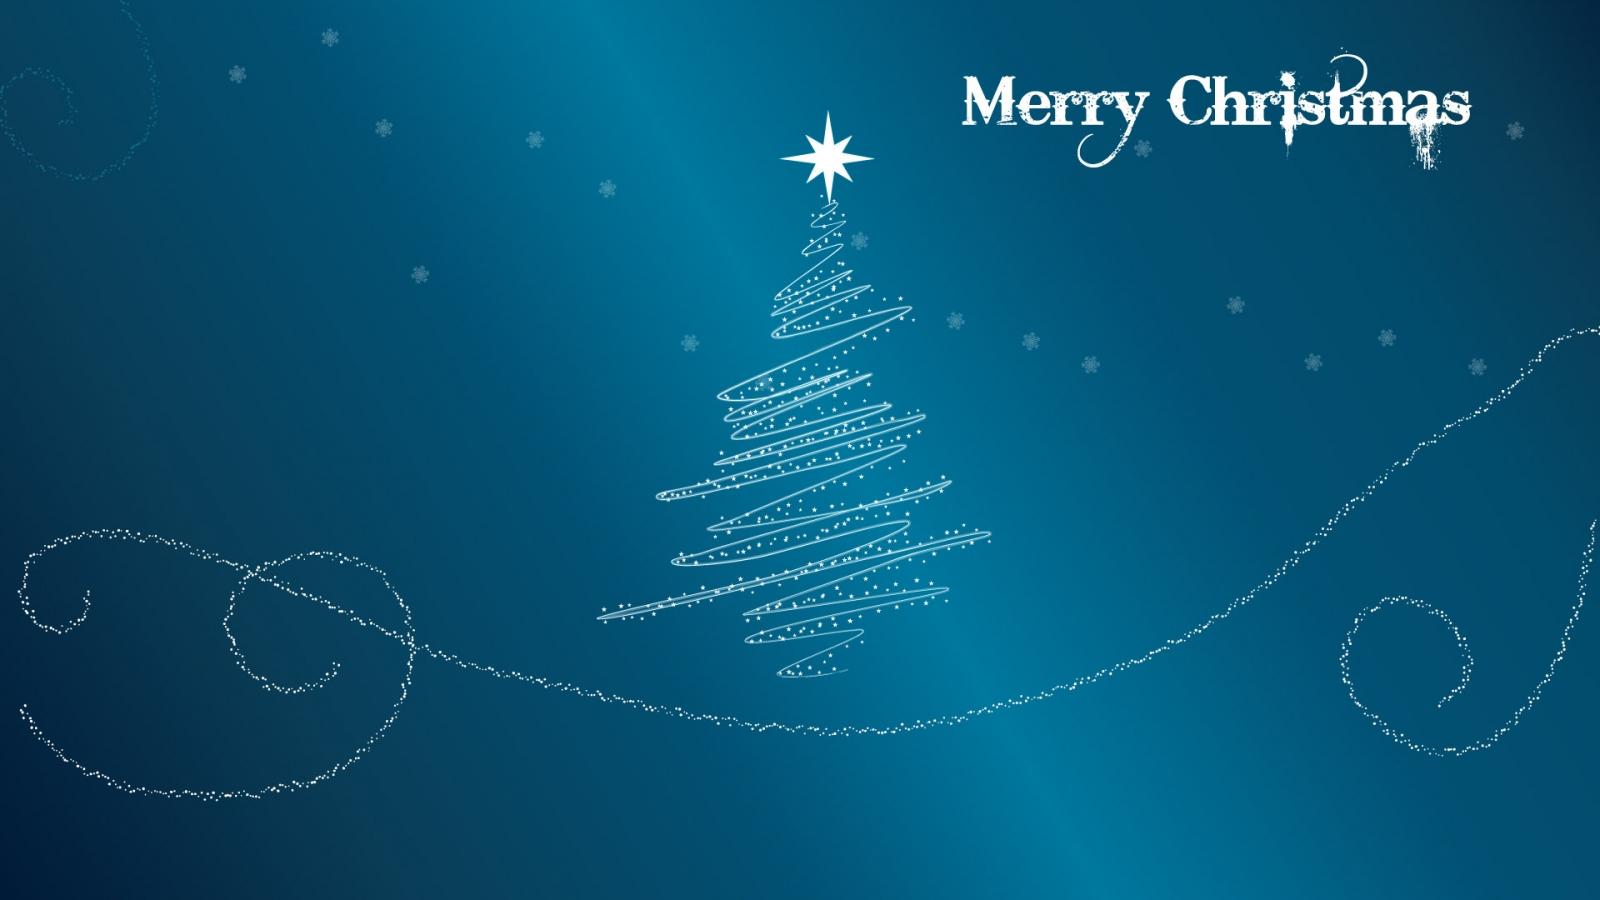 Fondo azul acero con arbol de navidad - 1600x900